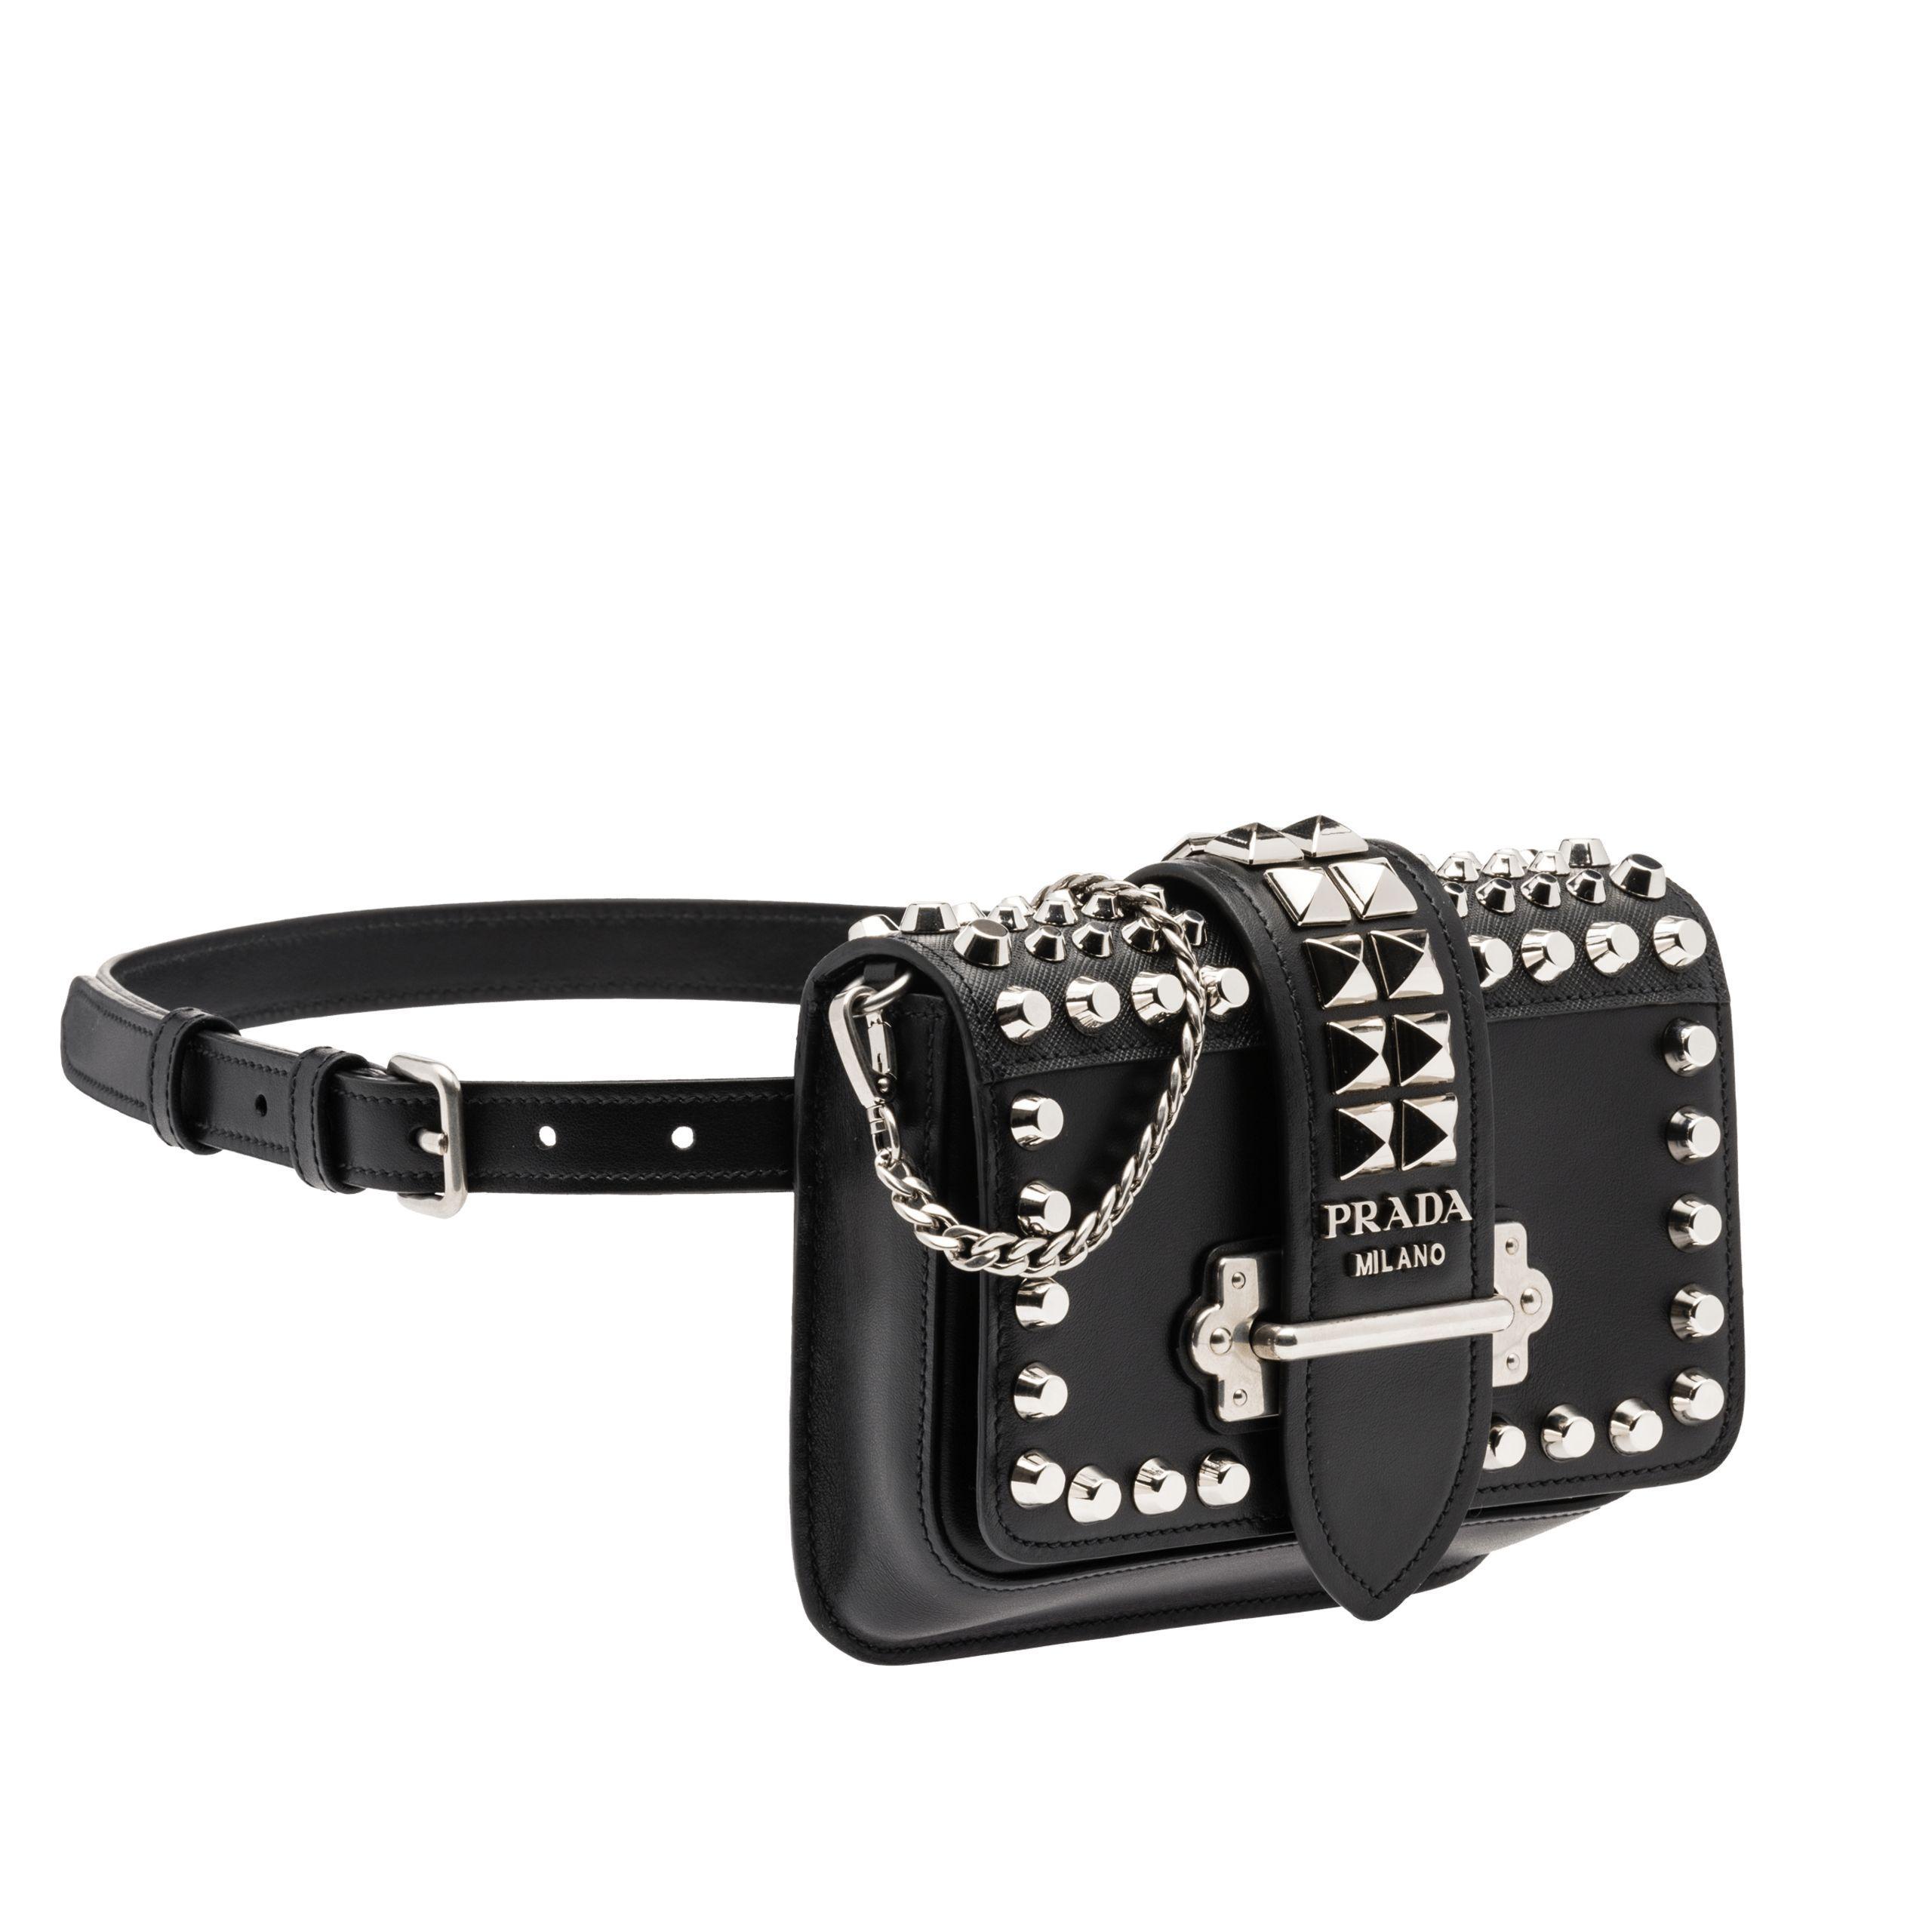 Lyst - Prada Cahier Leather Belt Bag in Black 81299bff1ac72